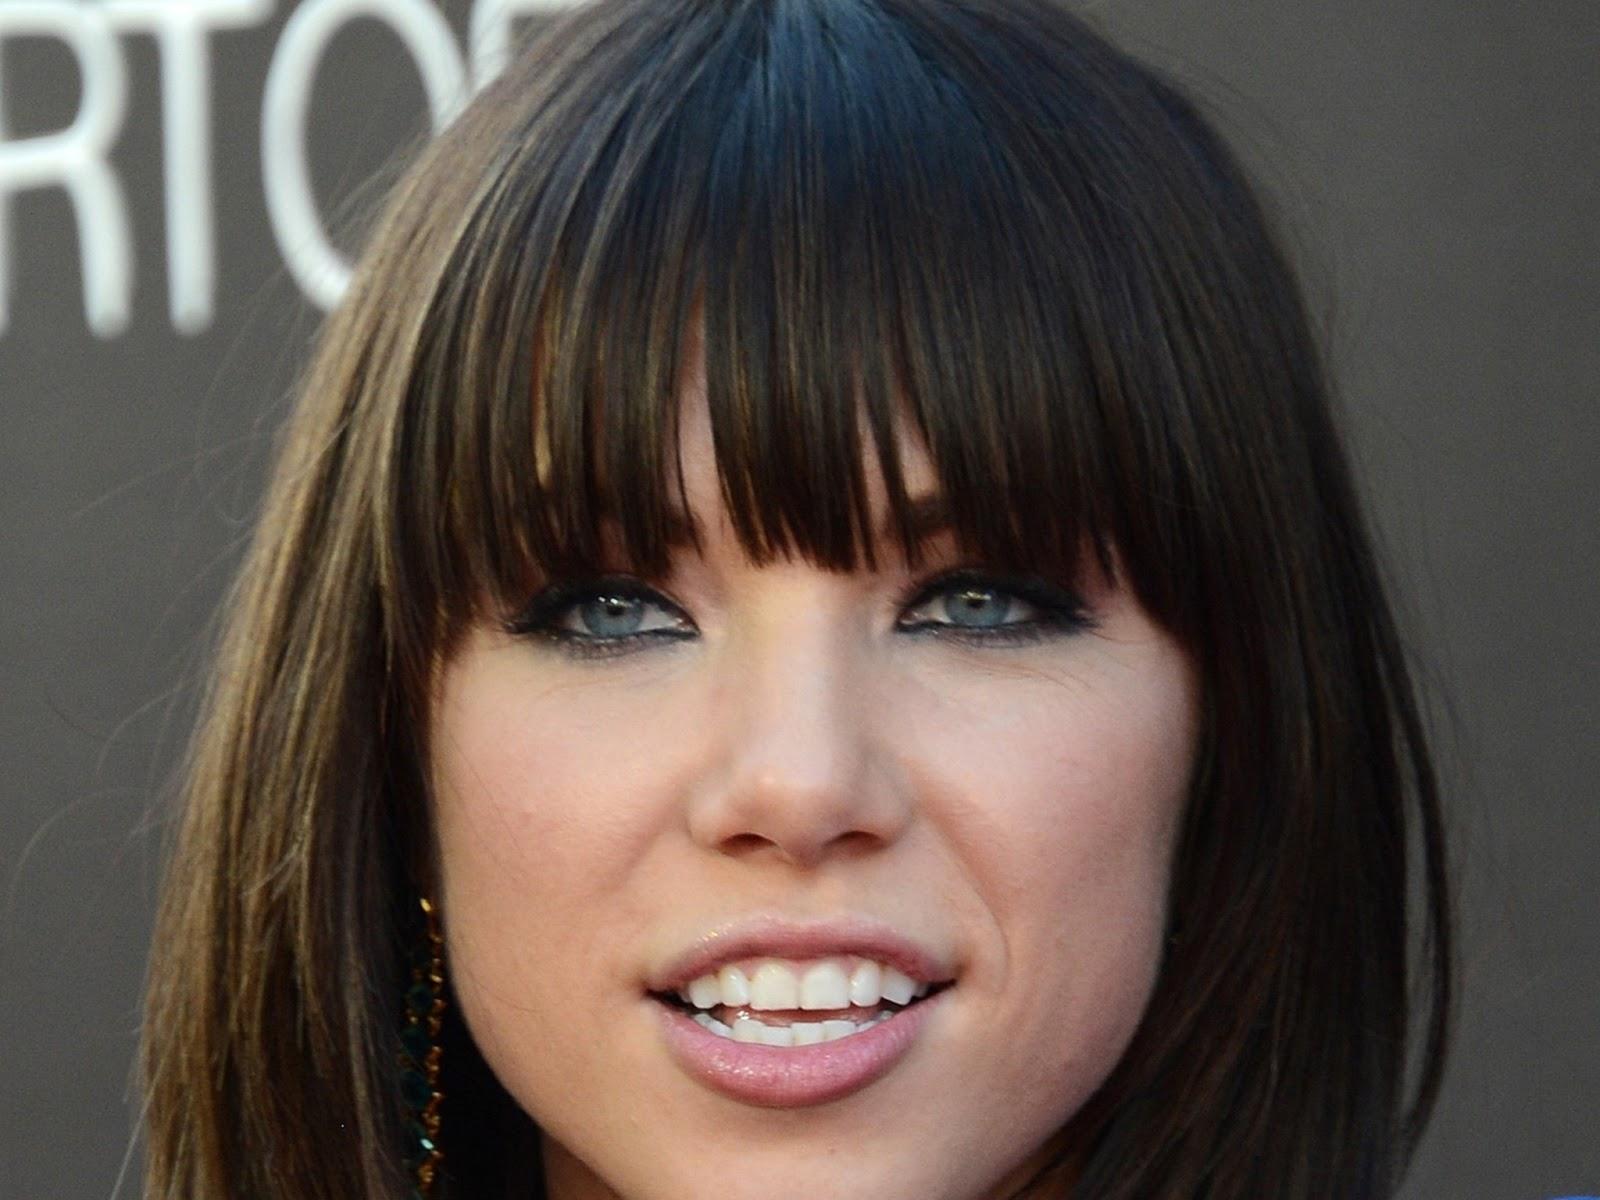 http://3.bp.blogspot.com/--5f8vvP4Ne8/US0FYWwYtkI/AAAAAAAAFoQ/OW-jUr6wziE/s1600/Carly-Rae-Jepsen-3.jpg